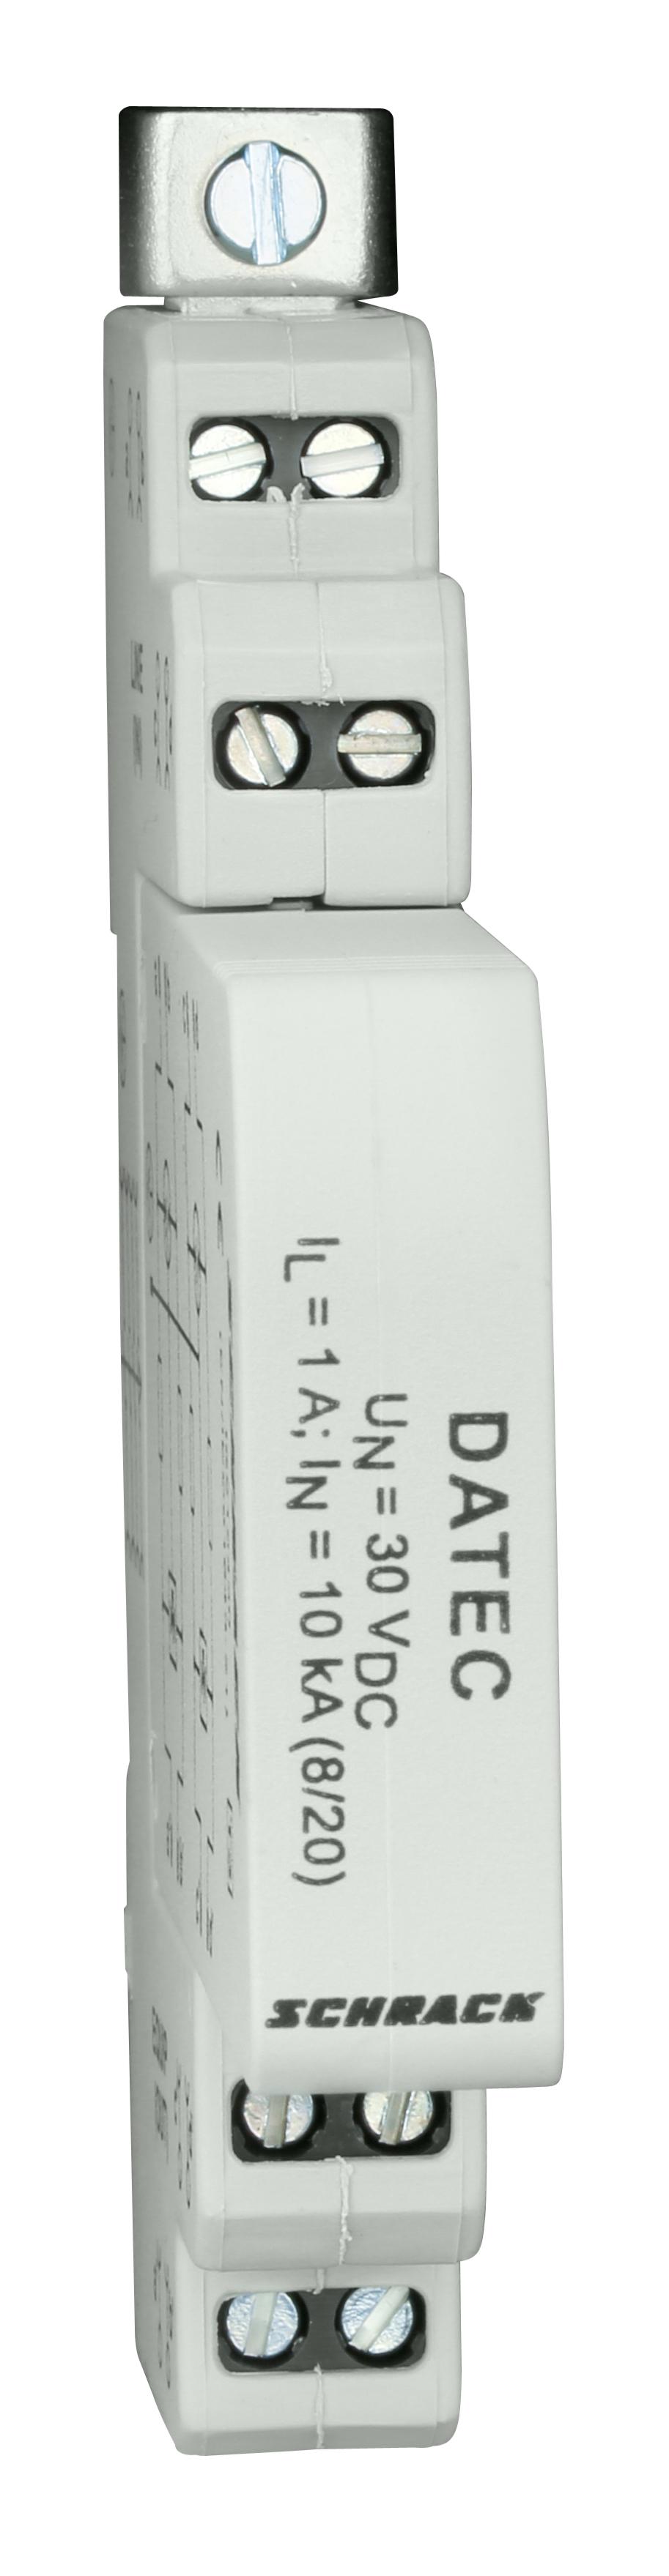 1 Stk Ableiter für Steuerleitungen, max. 30Vdc/1A, Klasse 3 (D) IS212430--